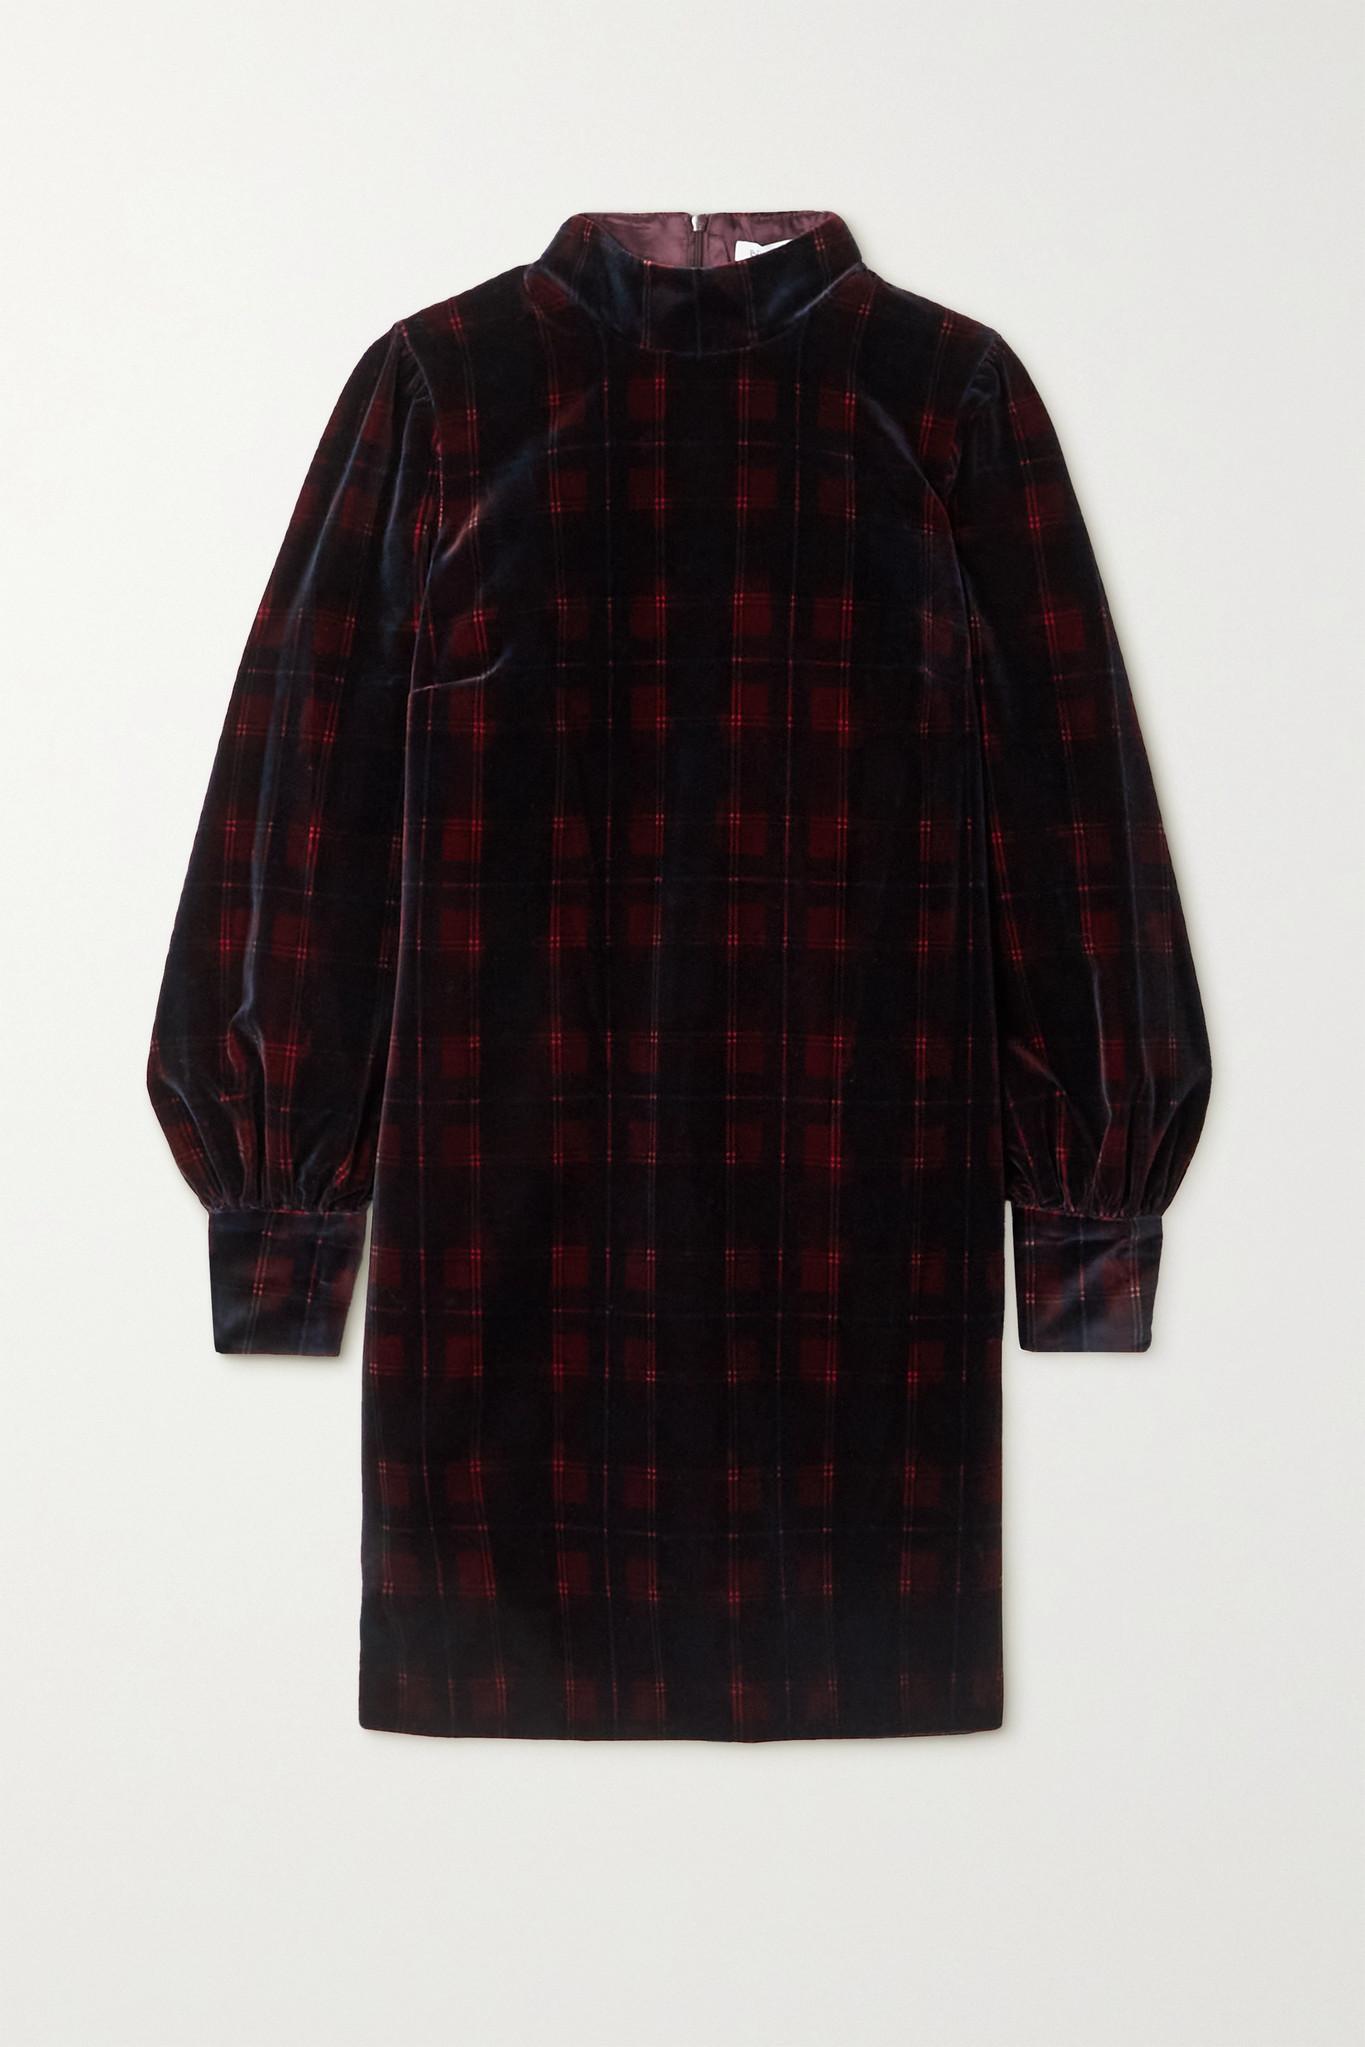 BELLA FREUD - Valley Of The Dolls Checked Cotton-velvet Mini Dress - Burgundy - UK6